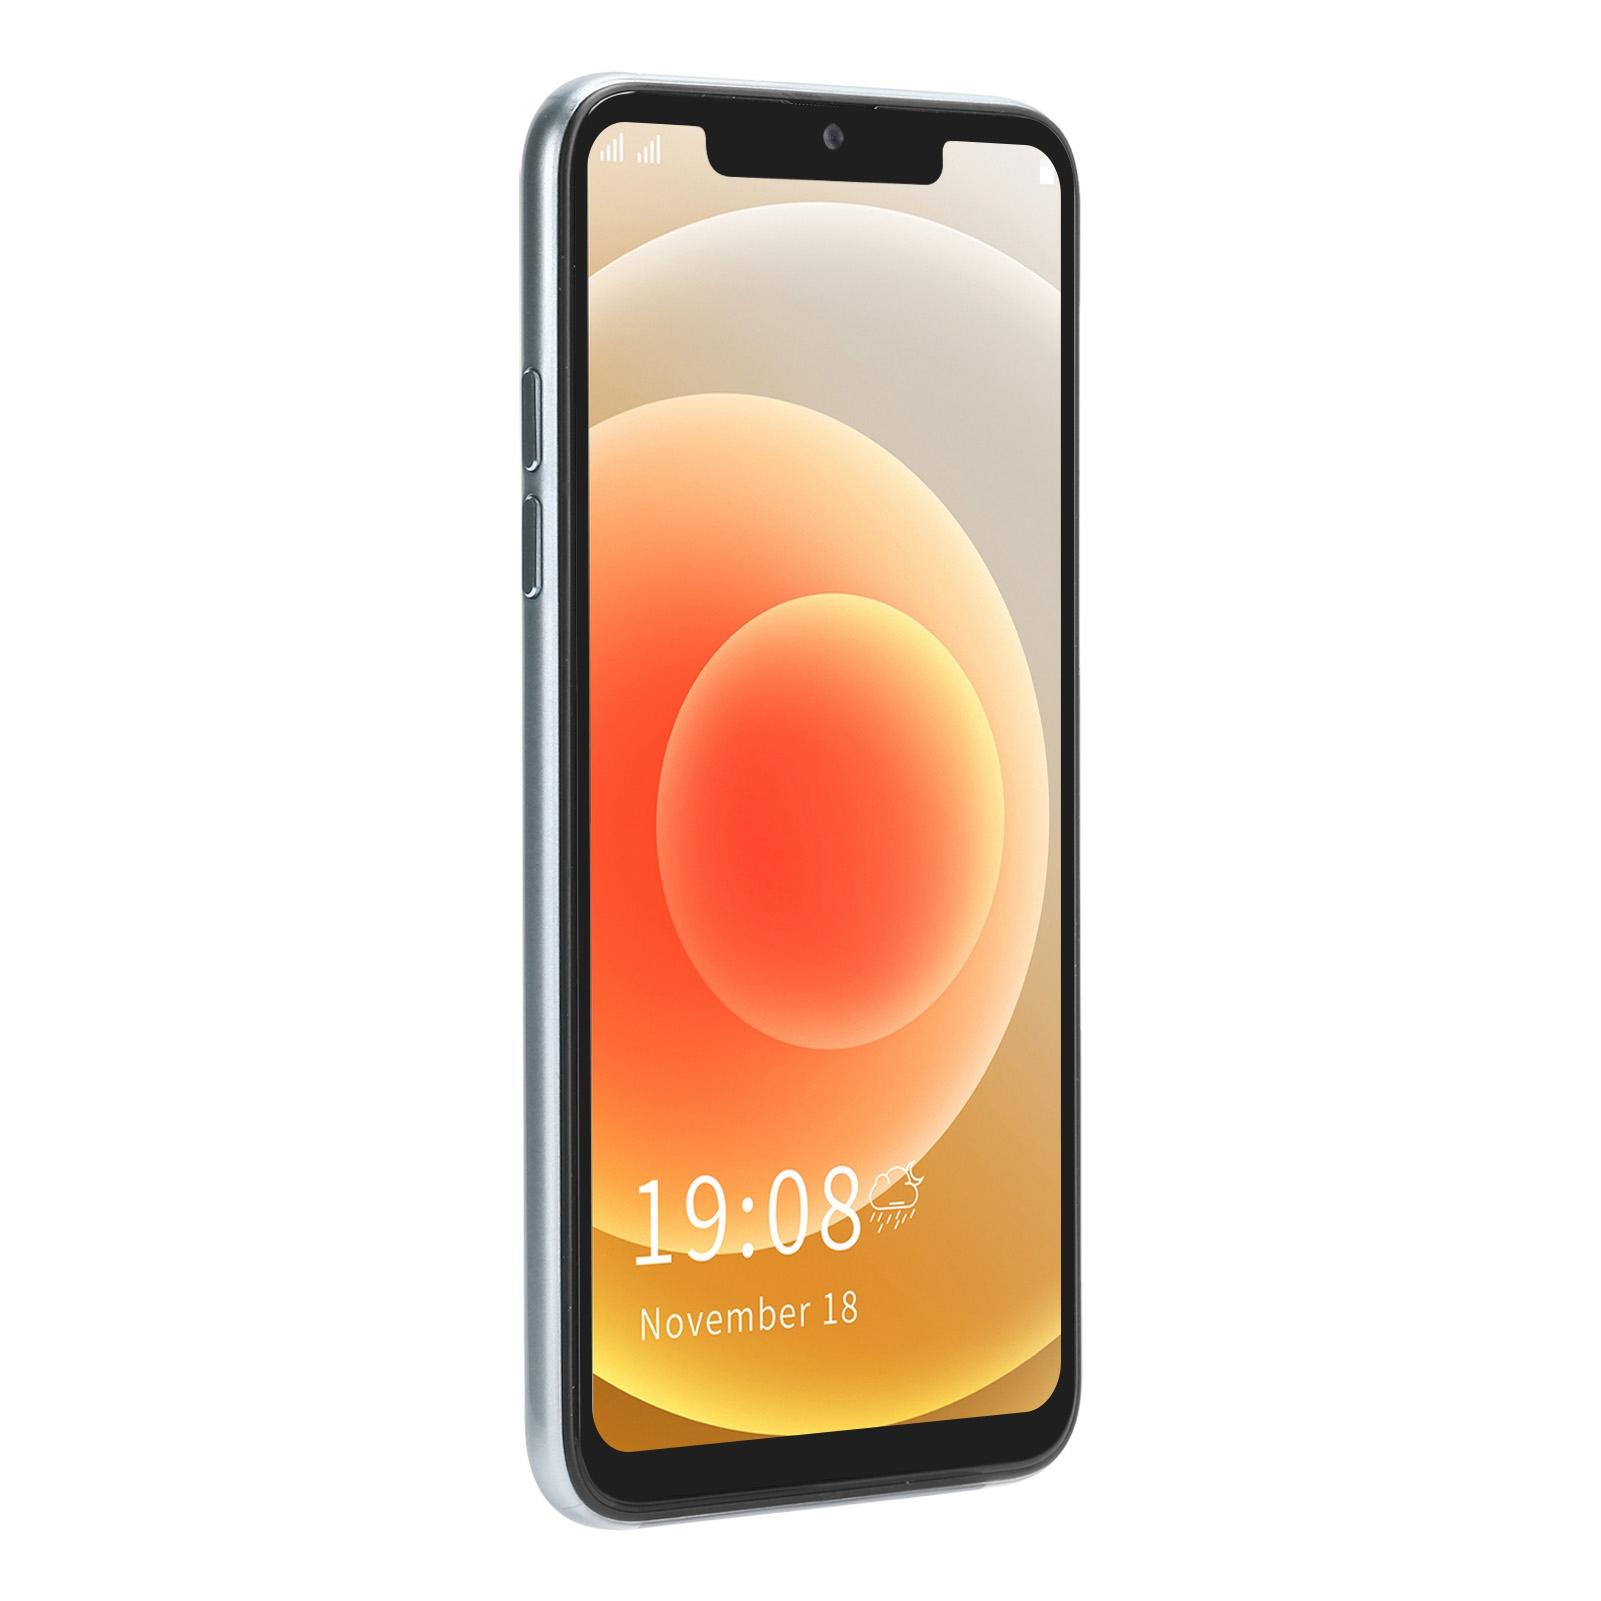 """miniature 48 - 6.5"""" Smartphone 1 Go 16 Go Mobile Phone Dual SIM avant arrière double caméra Android"""